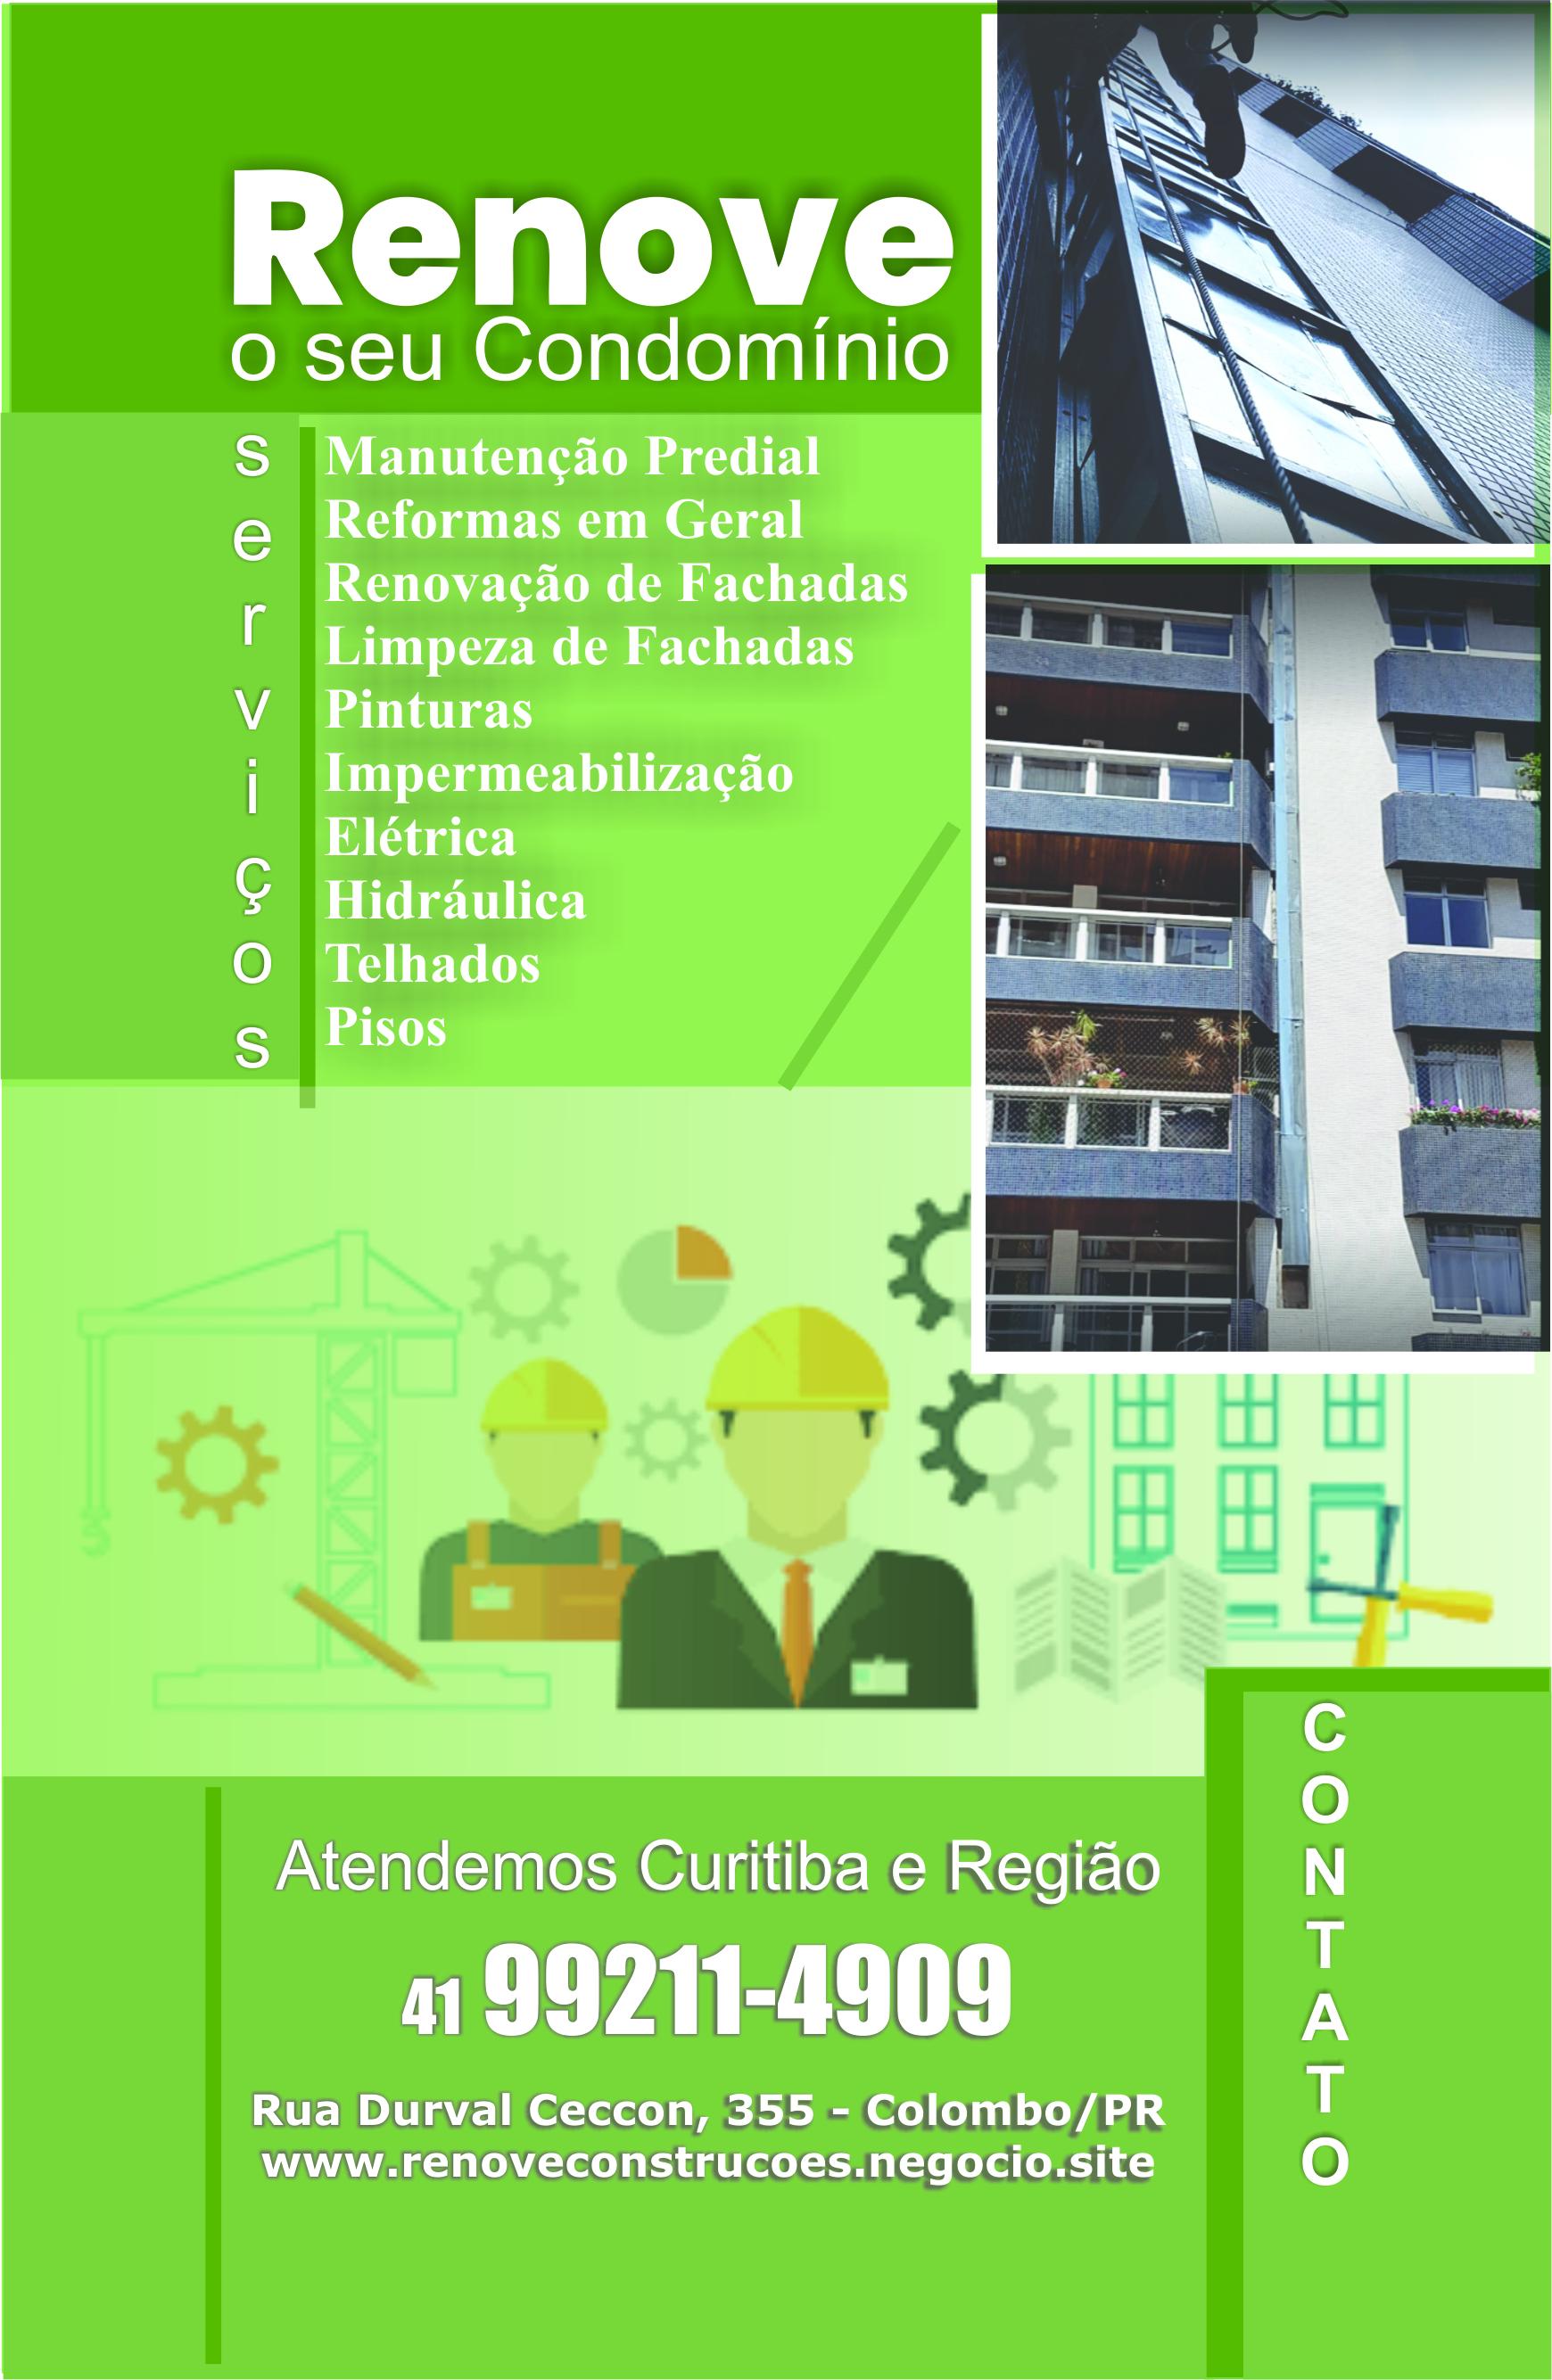 Renove o seu Condomínio      RUA DURVAL CECCON, 355, COLOMBO - PR  Fones: (41) 99211-4909 /